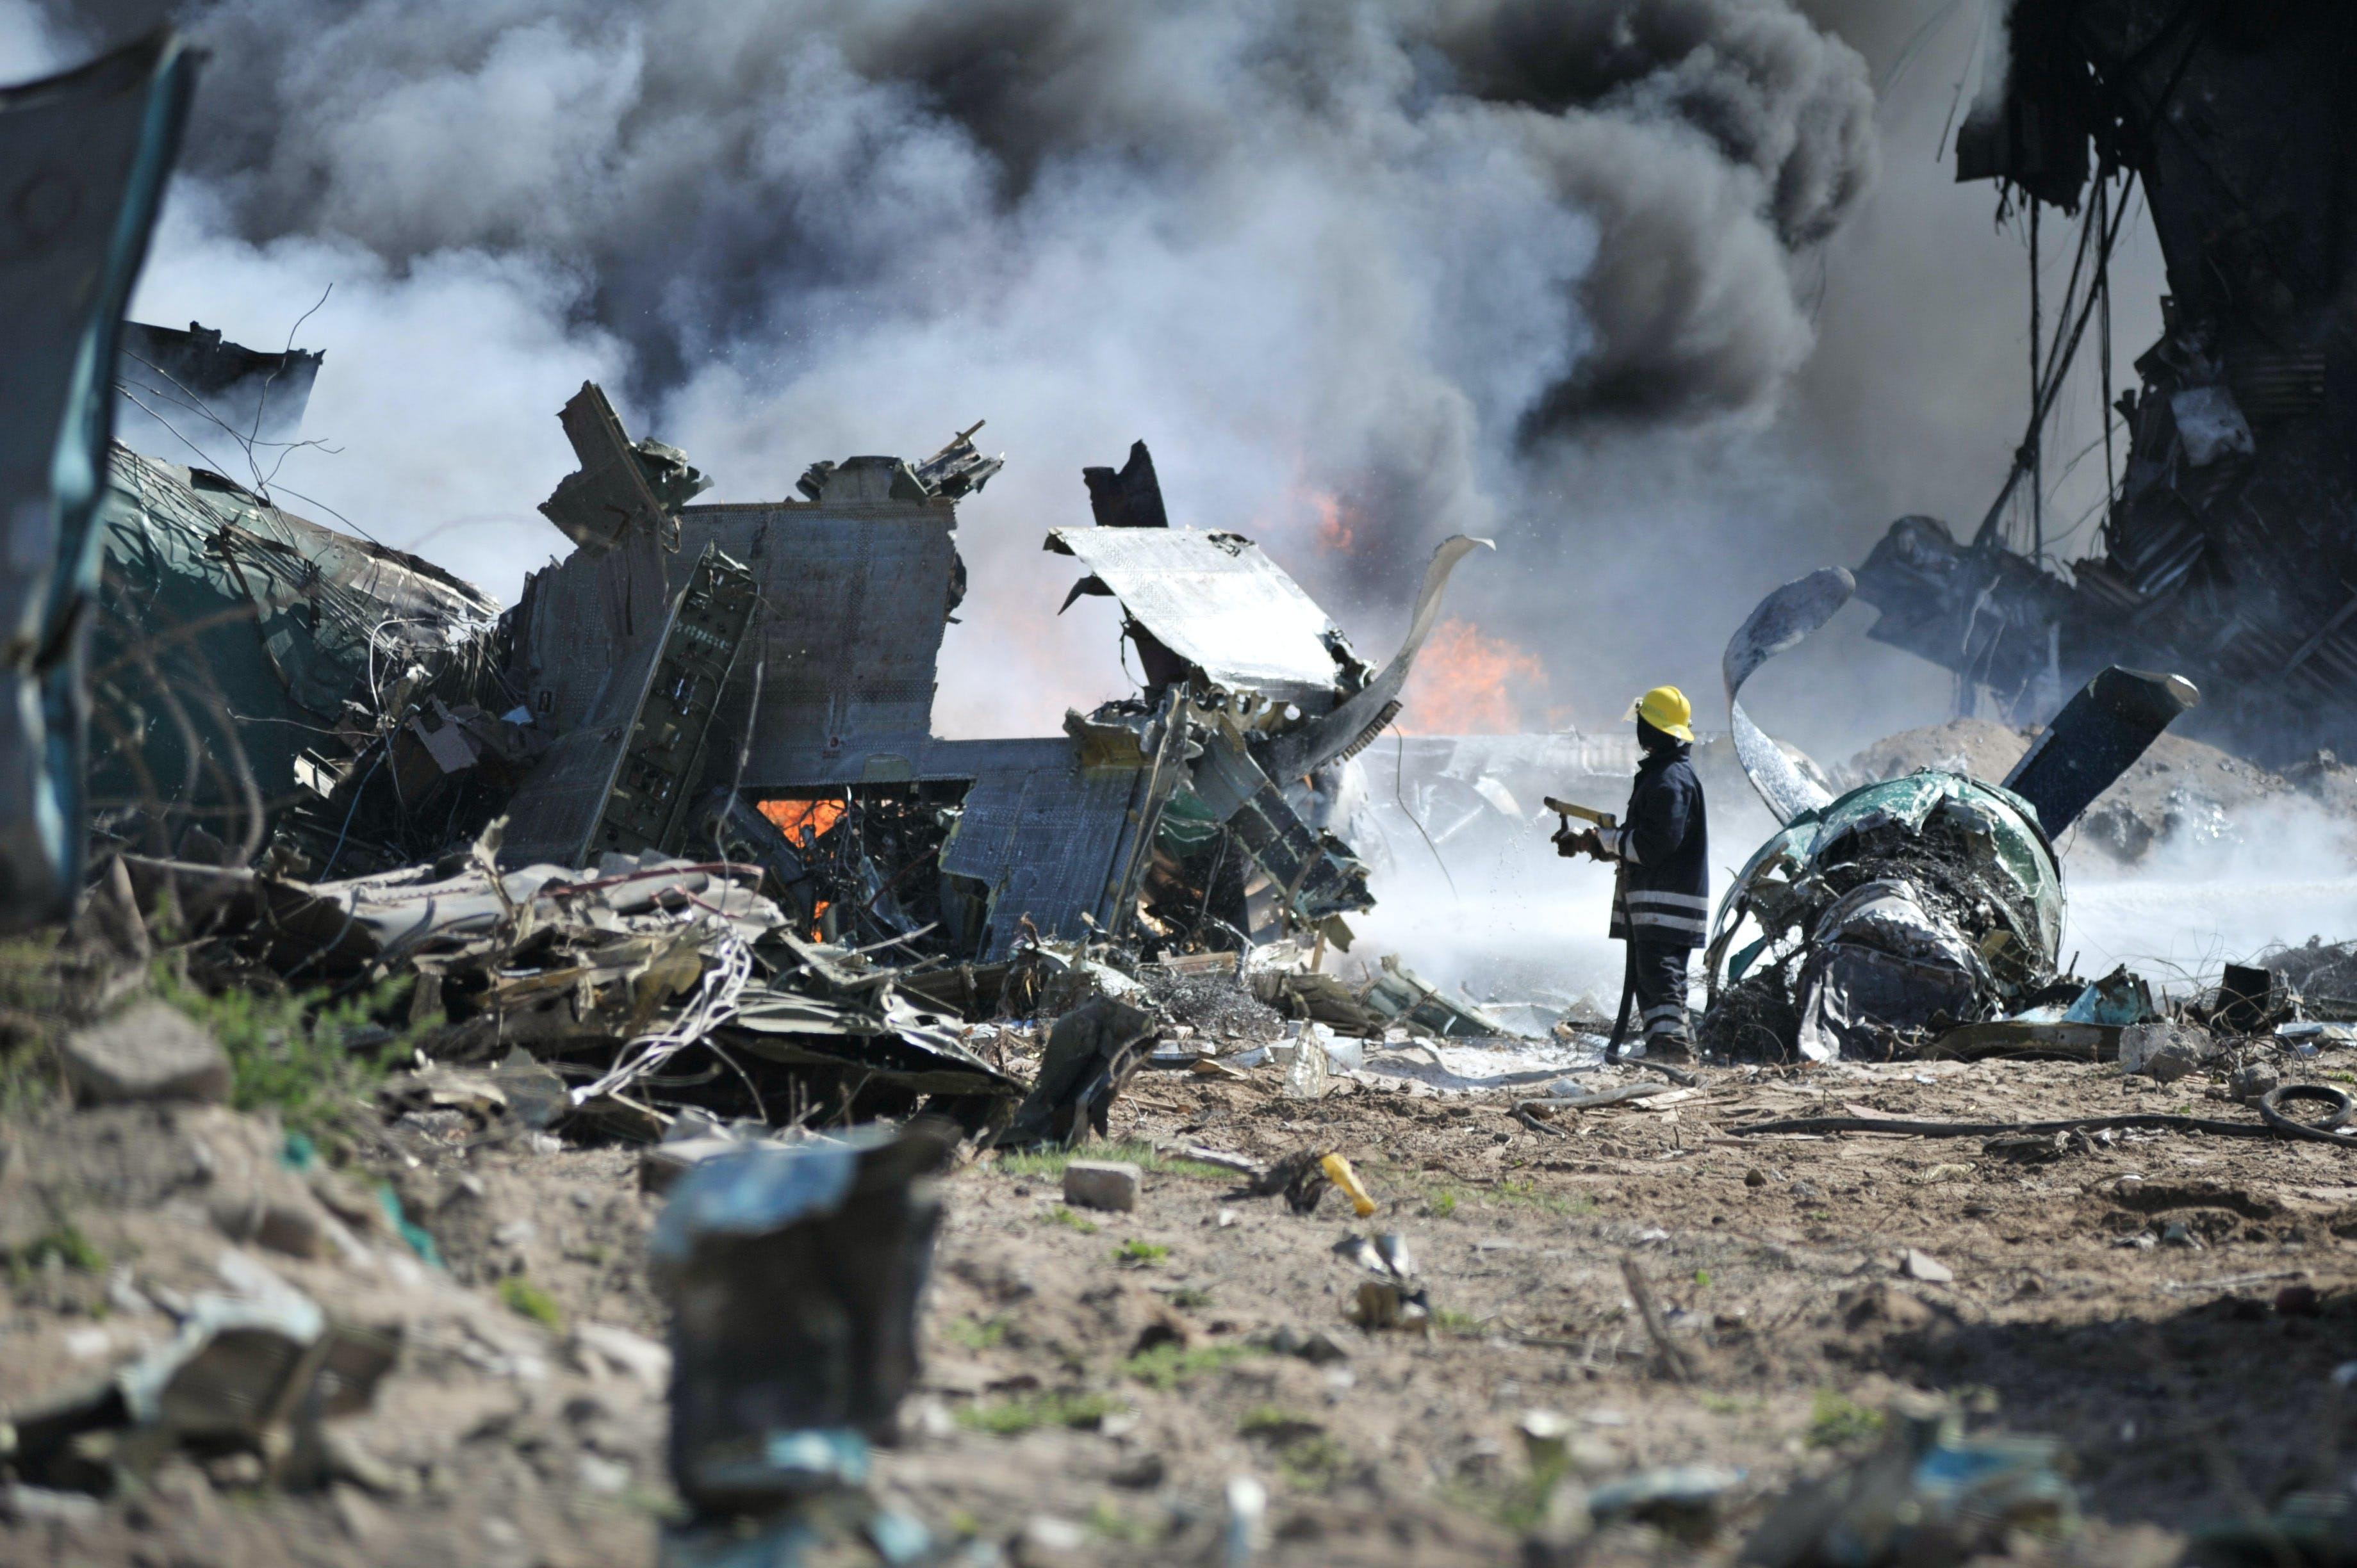 Kostenloses Stock Foto zu absturz, distruction, ersthelfer, explosion